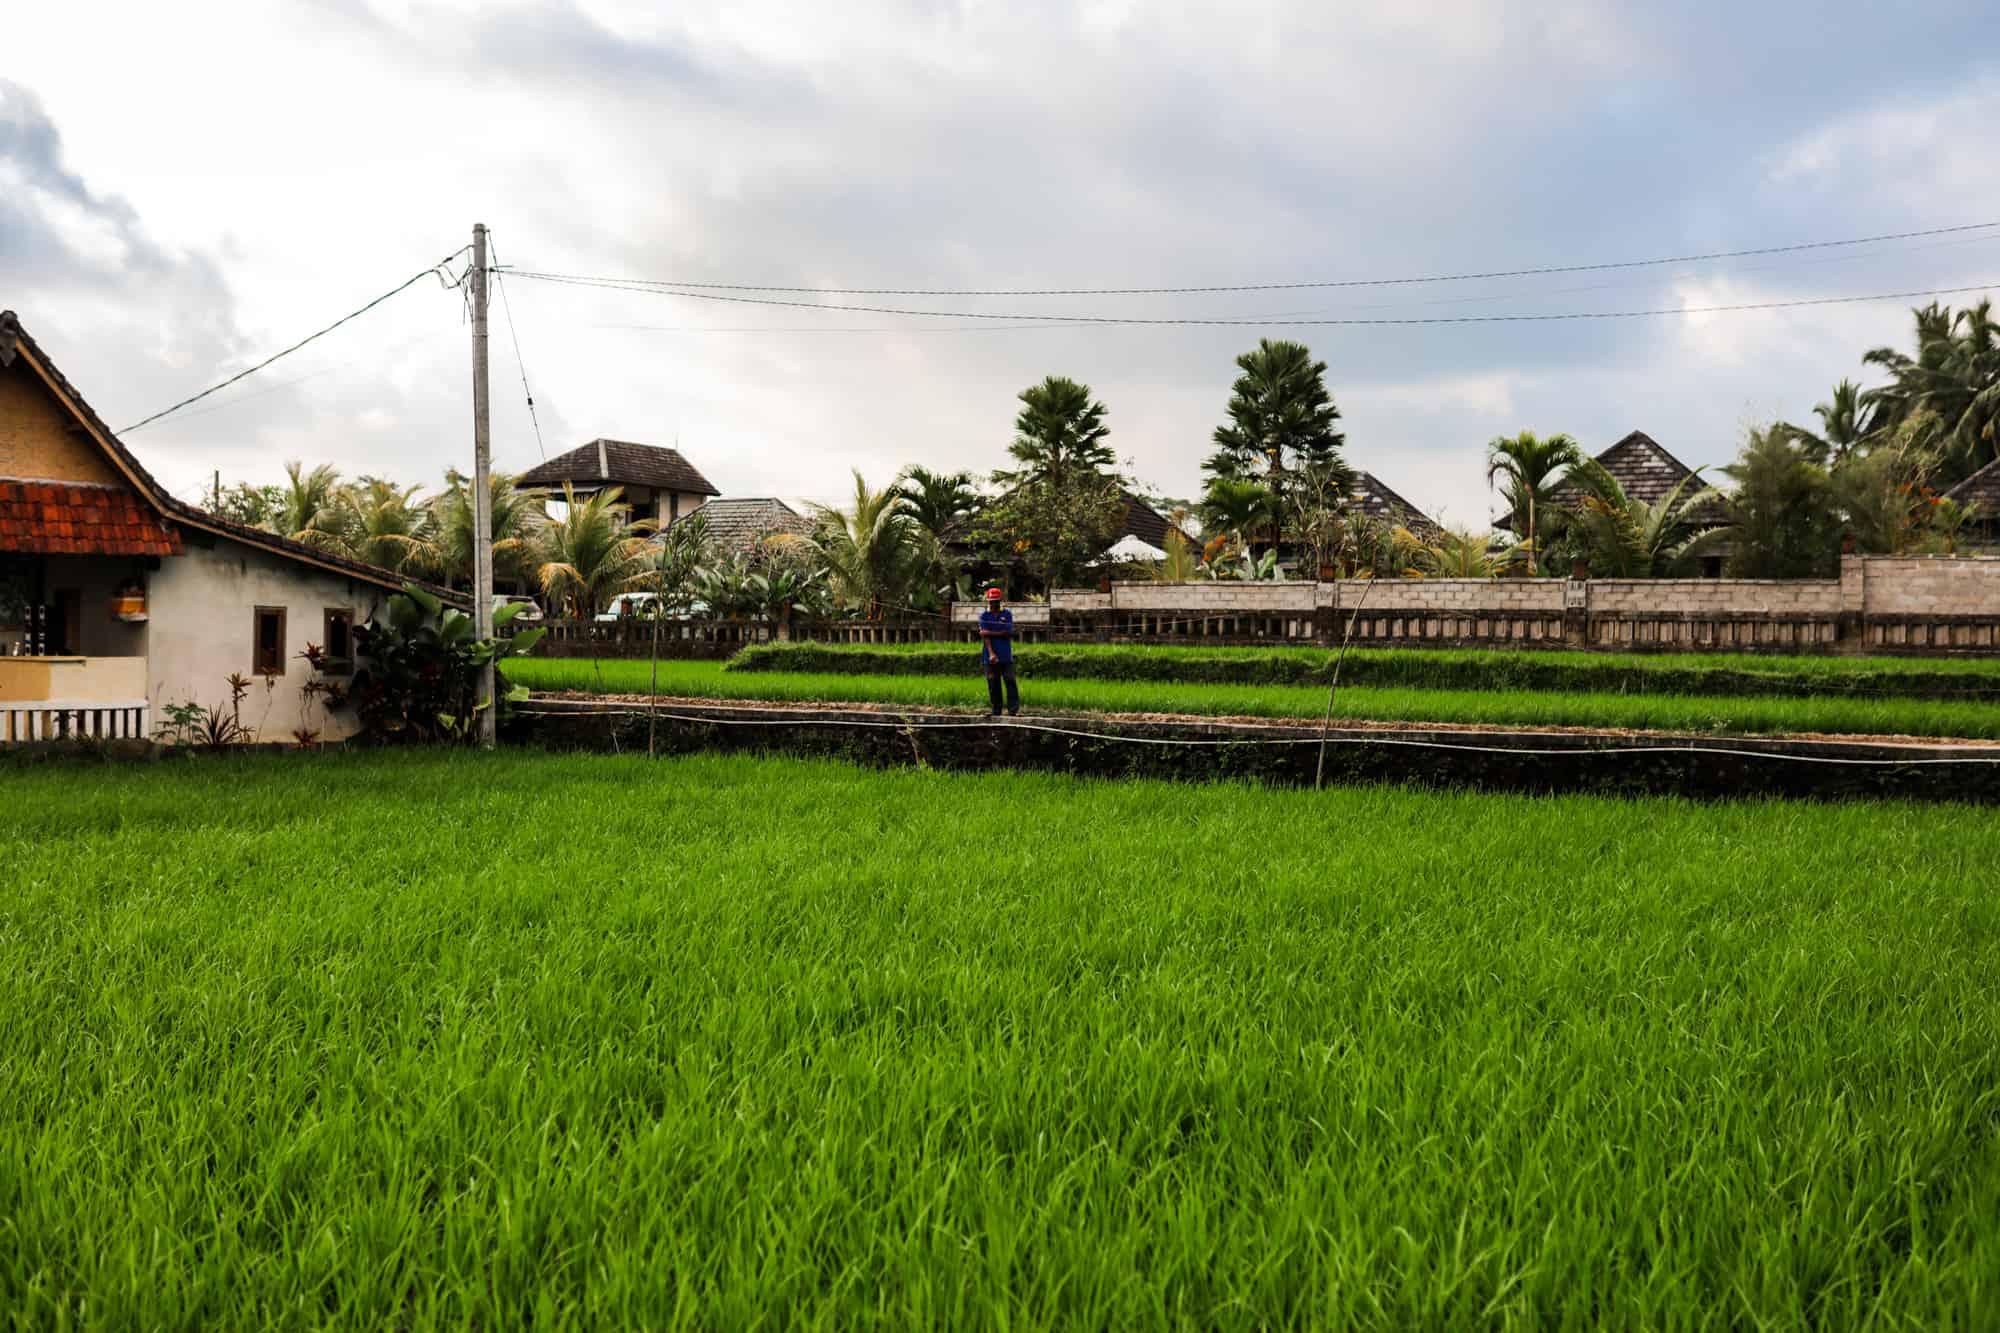 Sylt Fotograf Sylt Heiraten auf Sylt Hochzeitsfotograf Sylt Bali